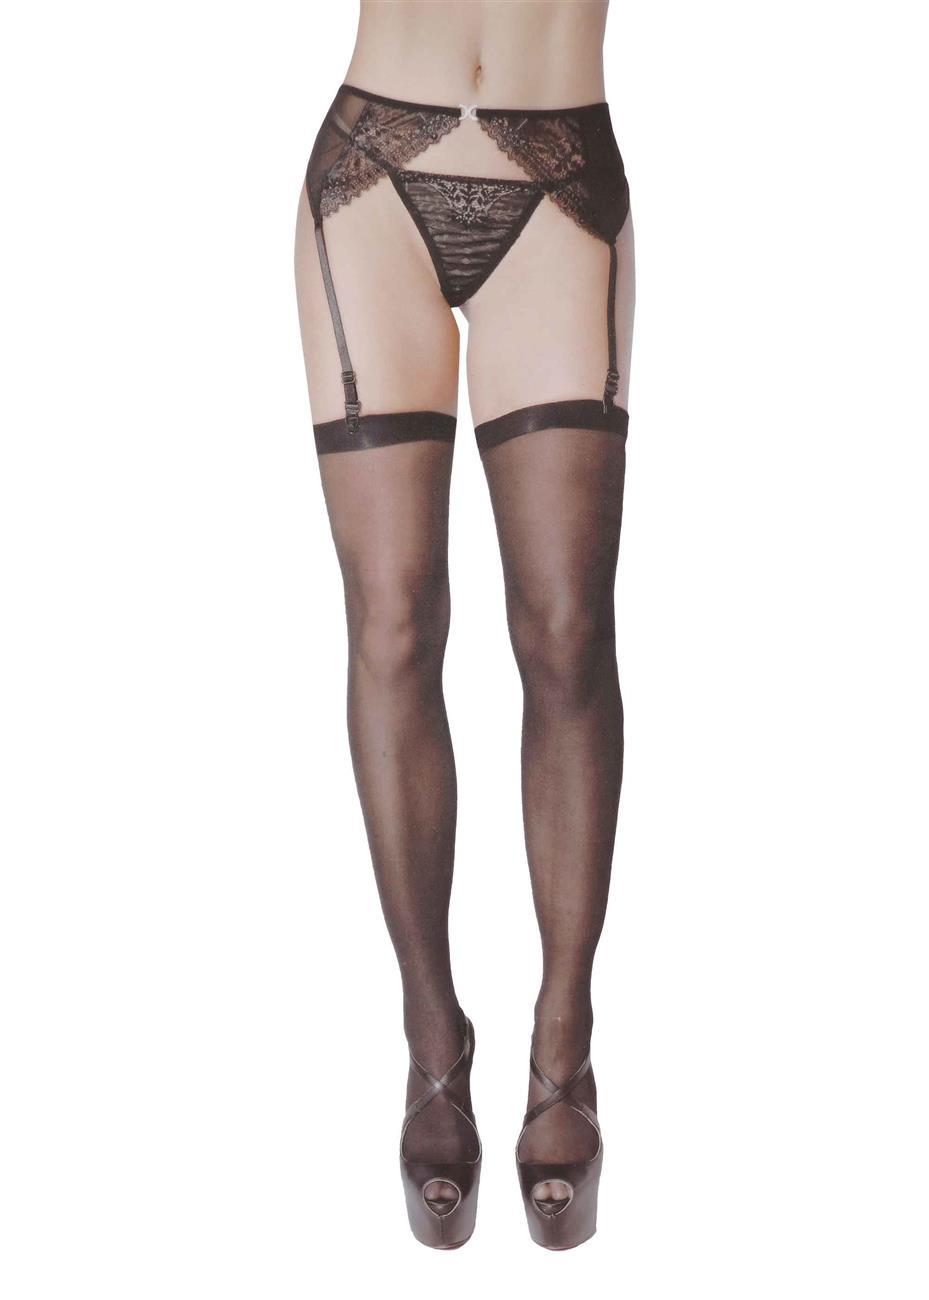 Γυναικειο σετ καλσον ζαρτιερα string. Sexy collection ΜΑΥΡΟ